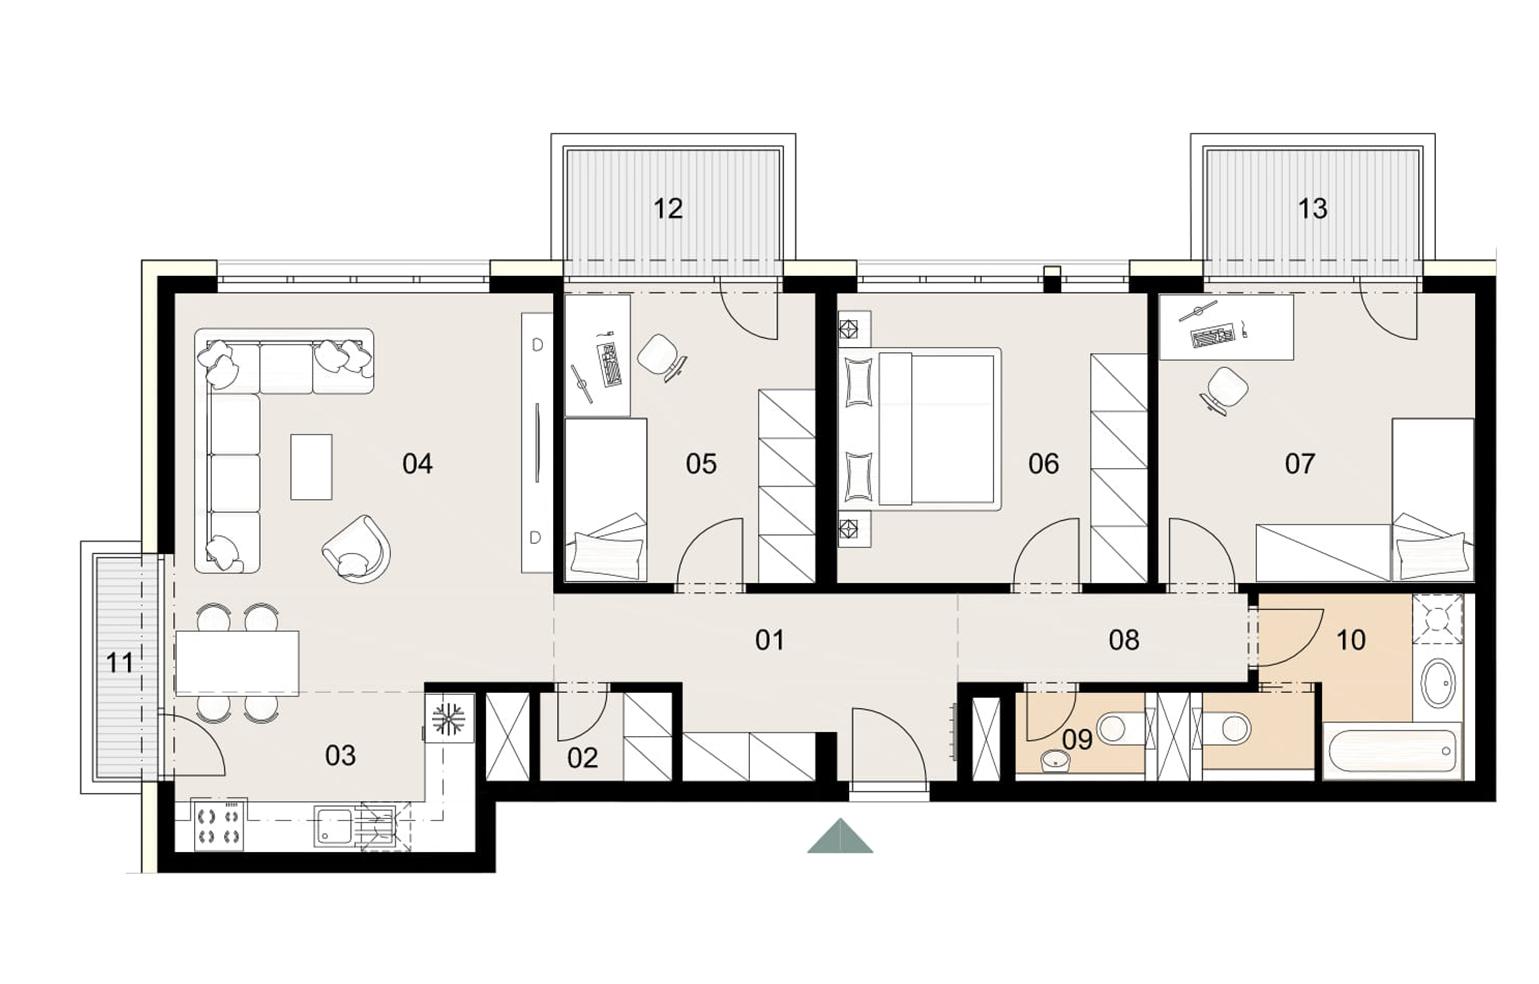 Rosenhaus byt 808, 4-izbový. Novostavba Vrakuňa.